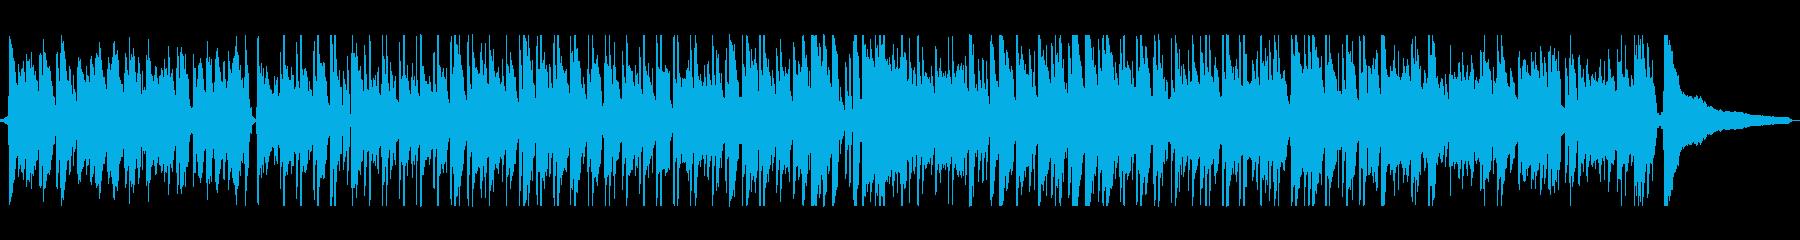 ギターとピアノの軽快なボサノバの再生済みの波形